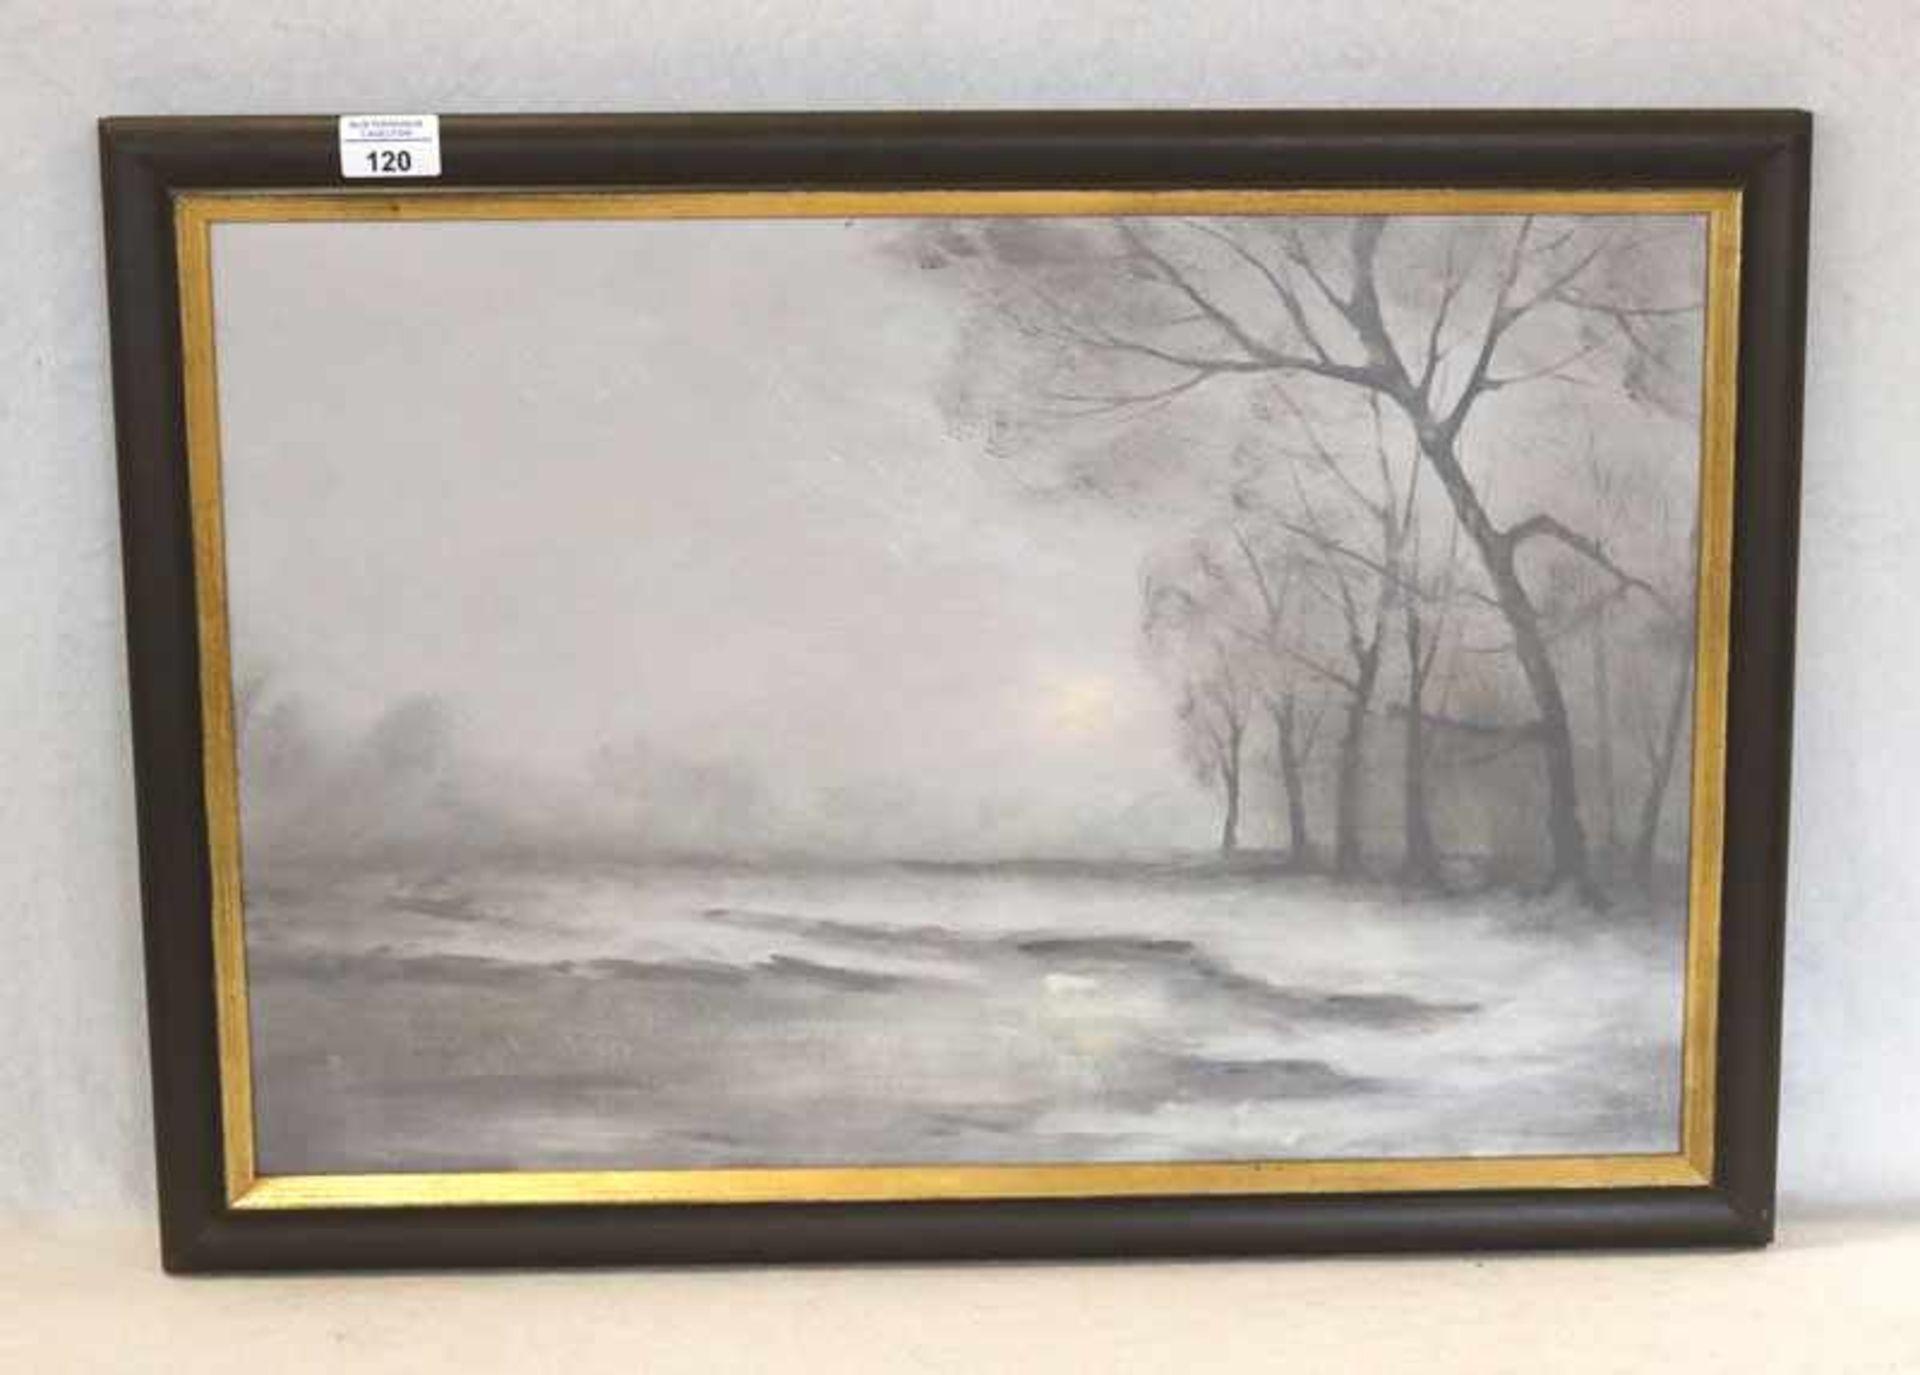 Gemälde ÖL/Hartfaser 'Abendstimmung', signiert C. (Conrad) Sevens, * 1940 Düsseldorf , 1962 - 1965